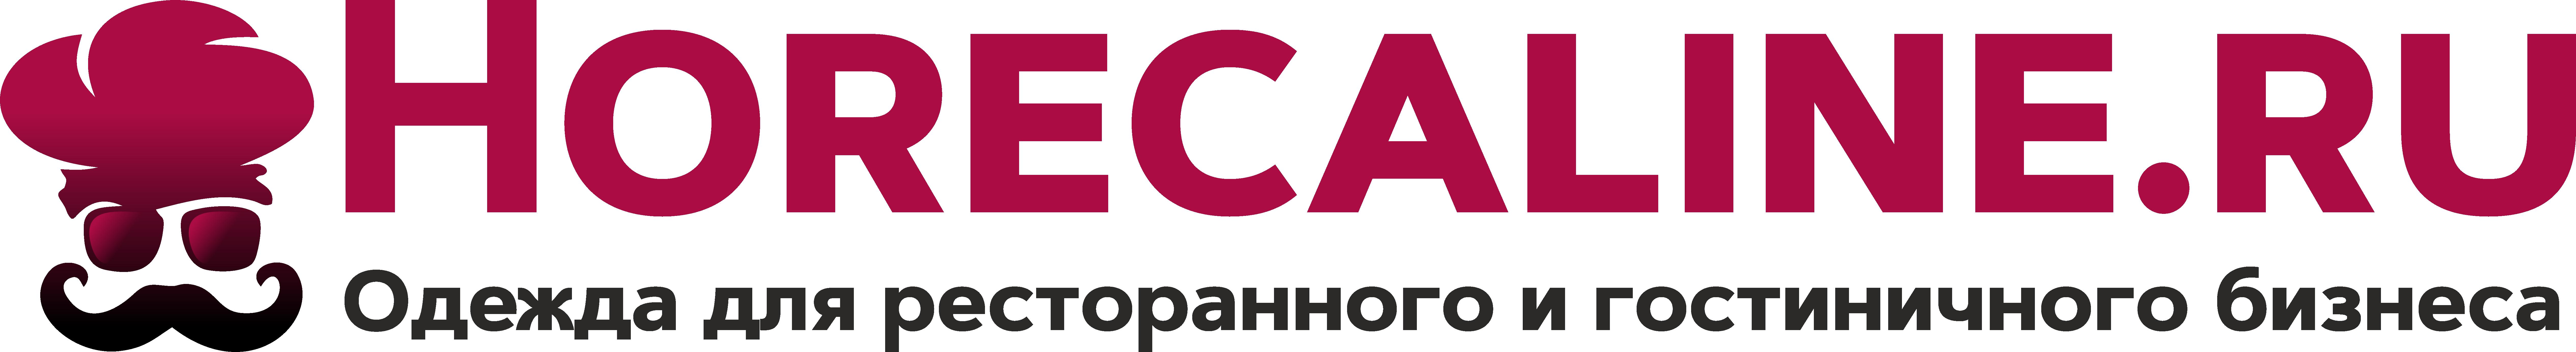 Интернет-магазин поварской одежды horecaline.ru